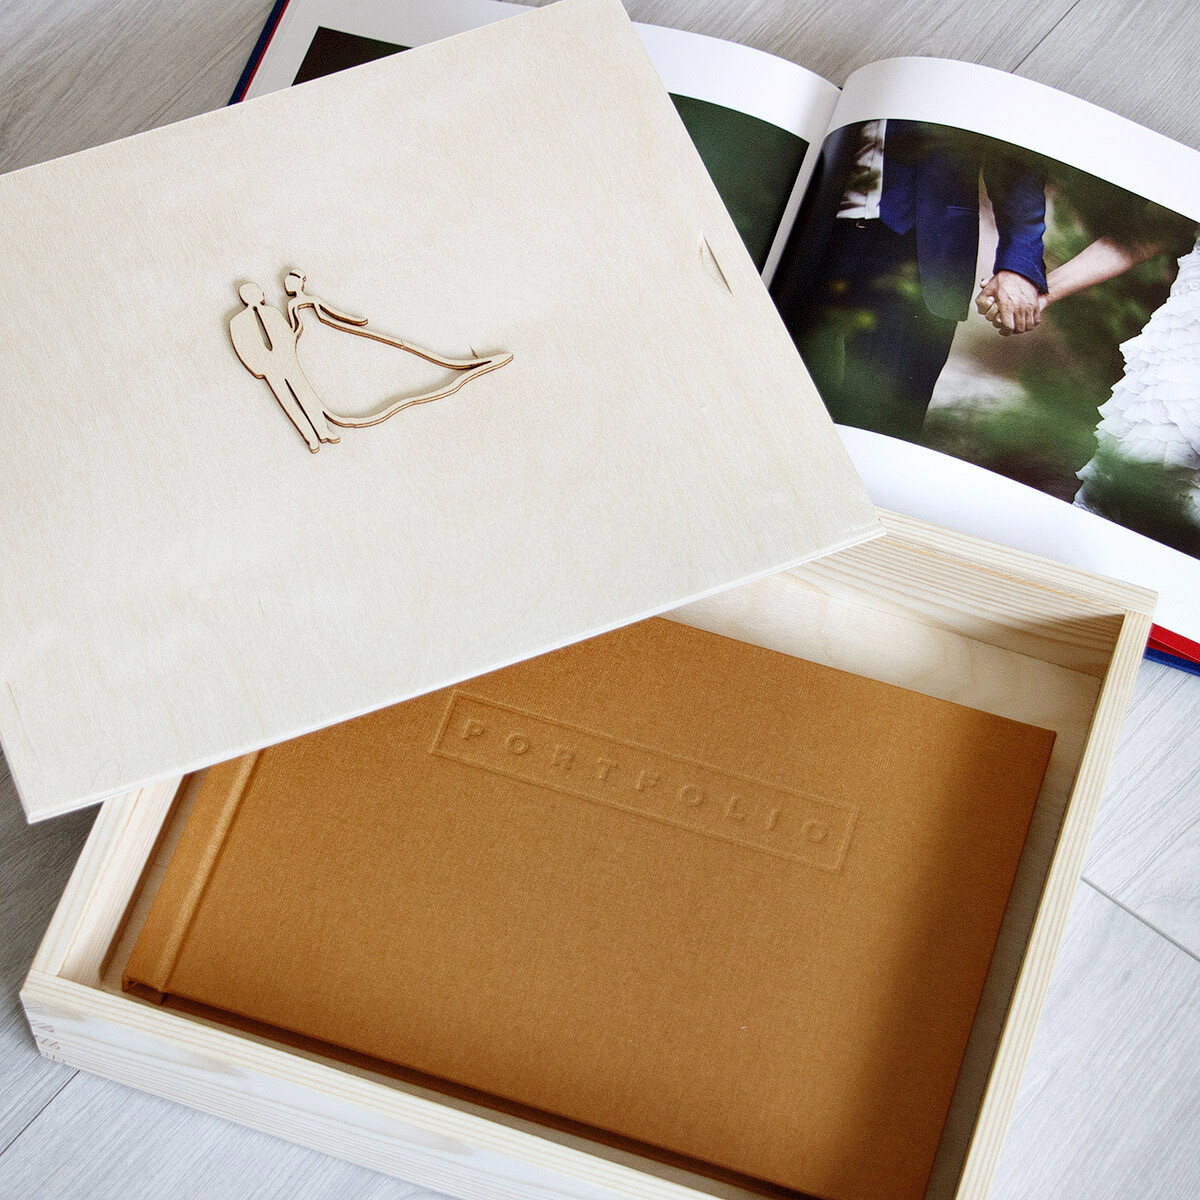 große Kiste Bilderbox 28 x 33 cm Holzkiste Schiebe Deckel